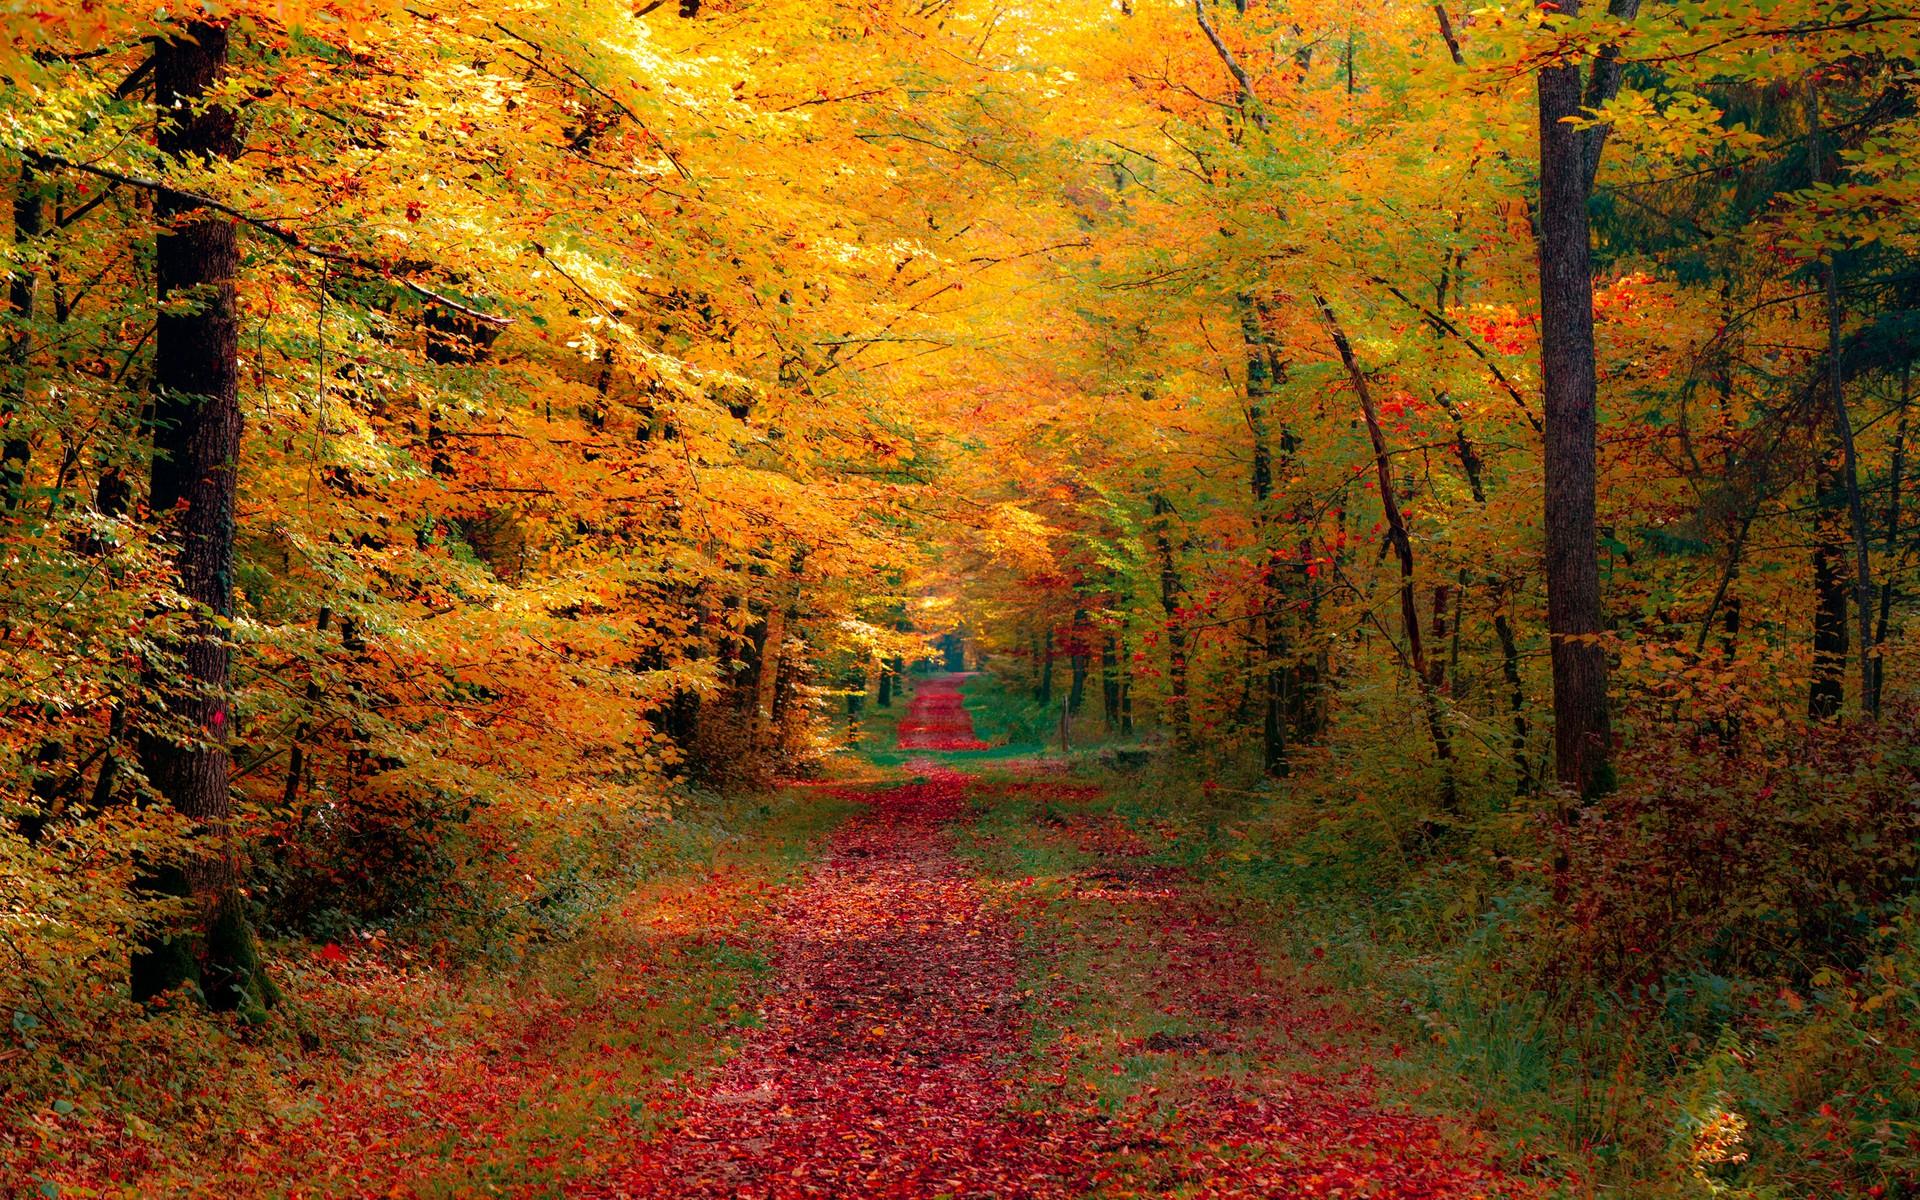 1920x1200 autumn forest desktop pc and mac wallpaper